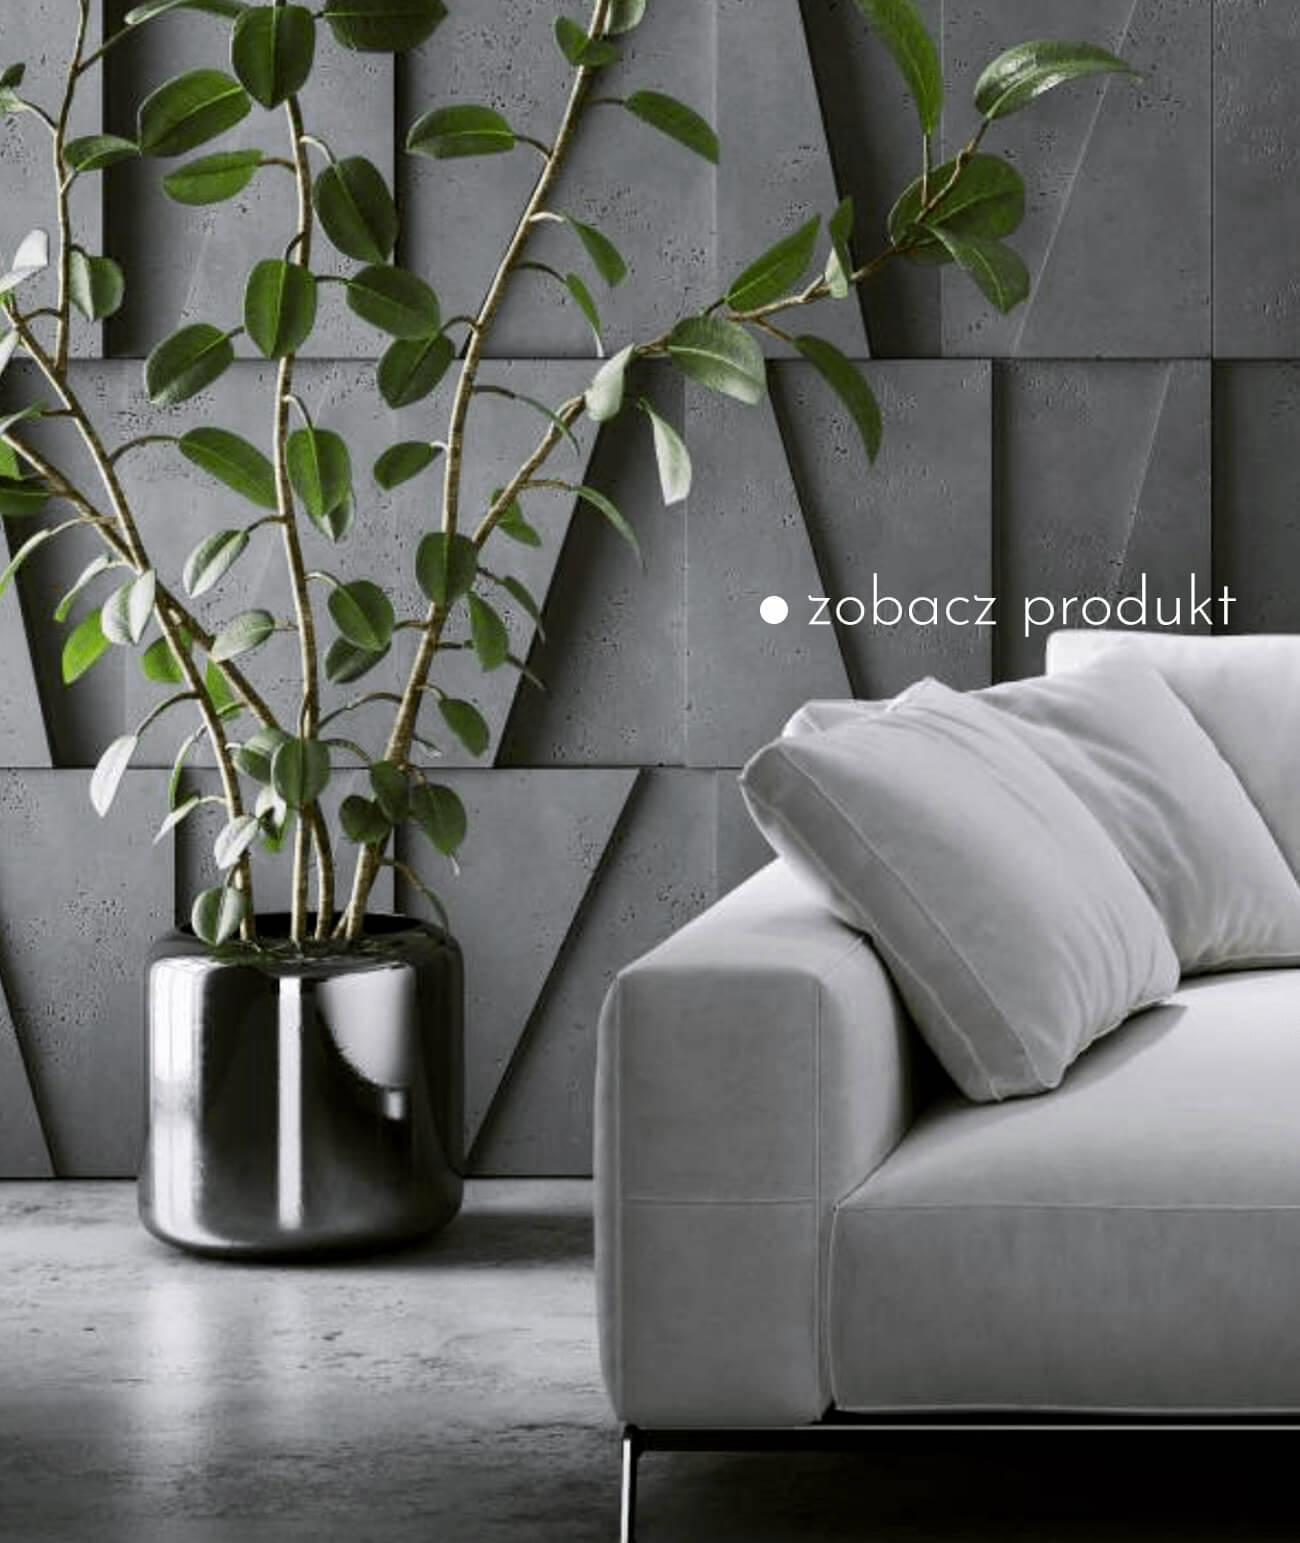 panele-betonowe-3d-scienne-i-elewacyjne-beton-architektoniczny_429-2359-pb10-b8-antracyt-mozaika---panel-dekor-3d-beton-architektoniczny-panel-scienny